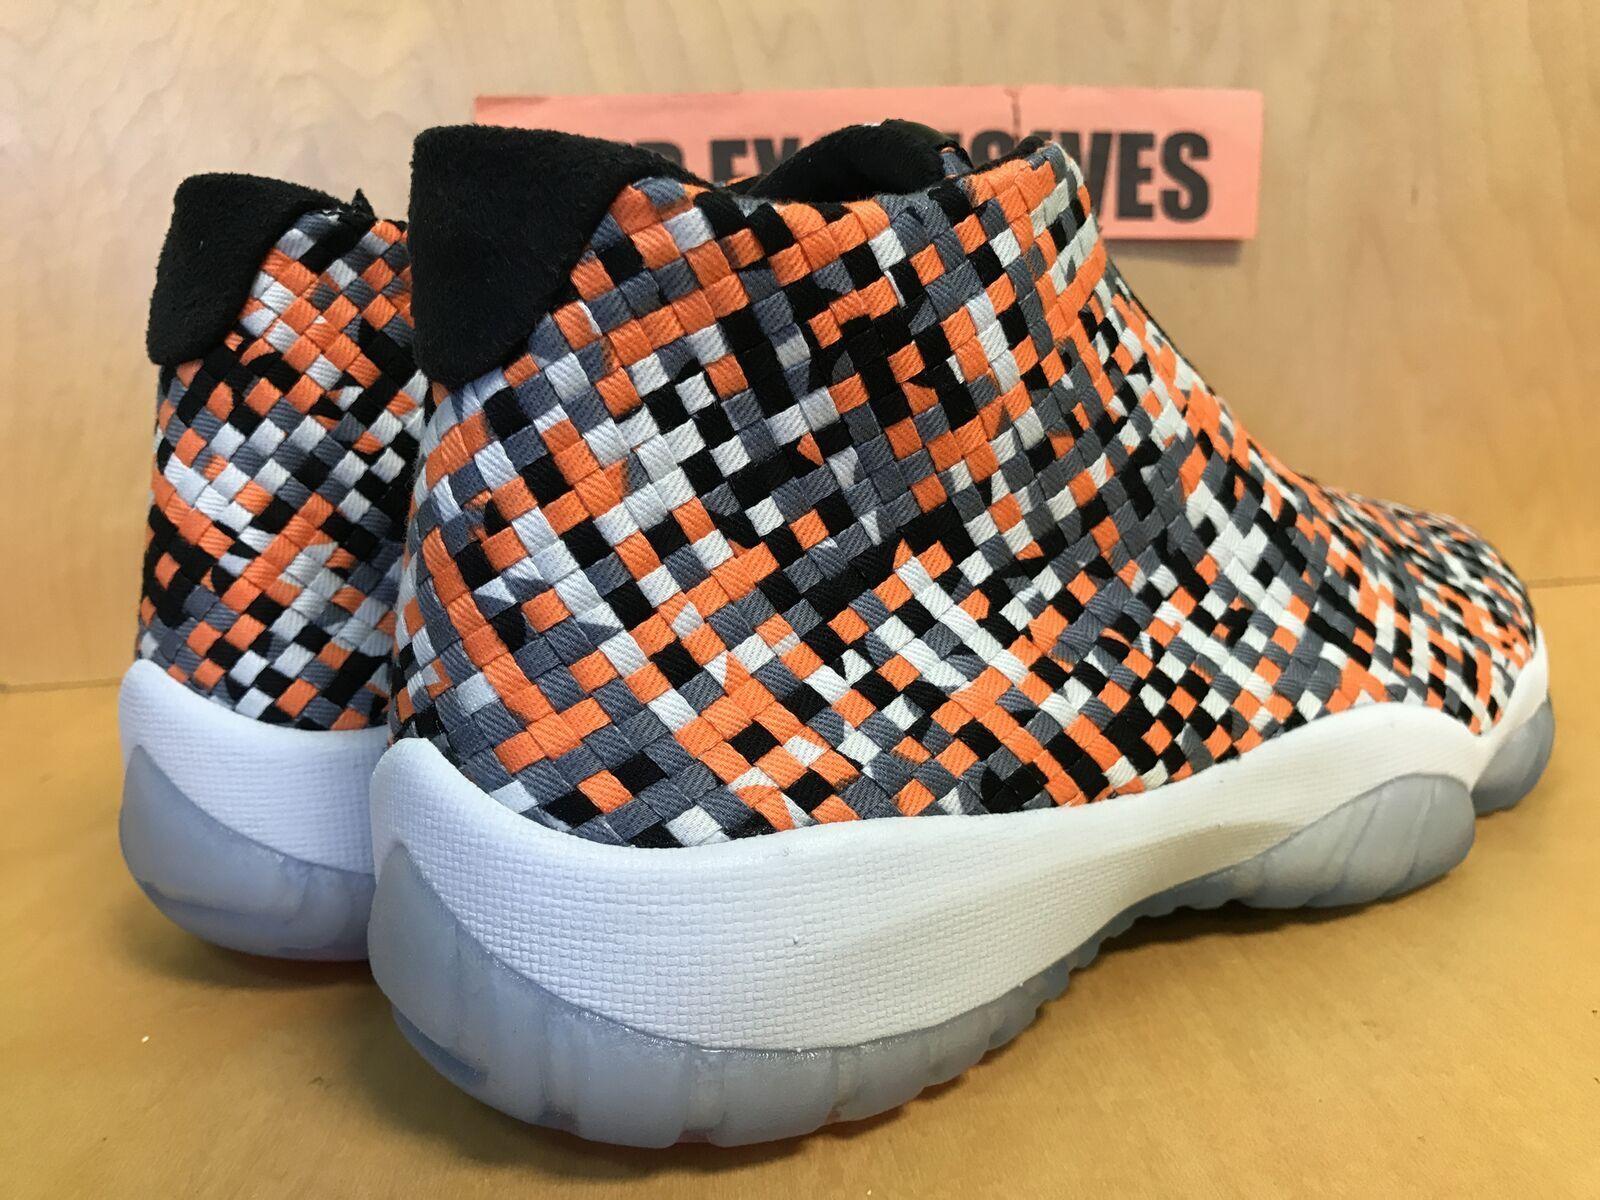 Nike air jordan zukunft premium - ostern ostern ostern 652141-006 10 multi - farbe 5af6fc